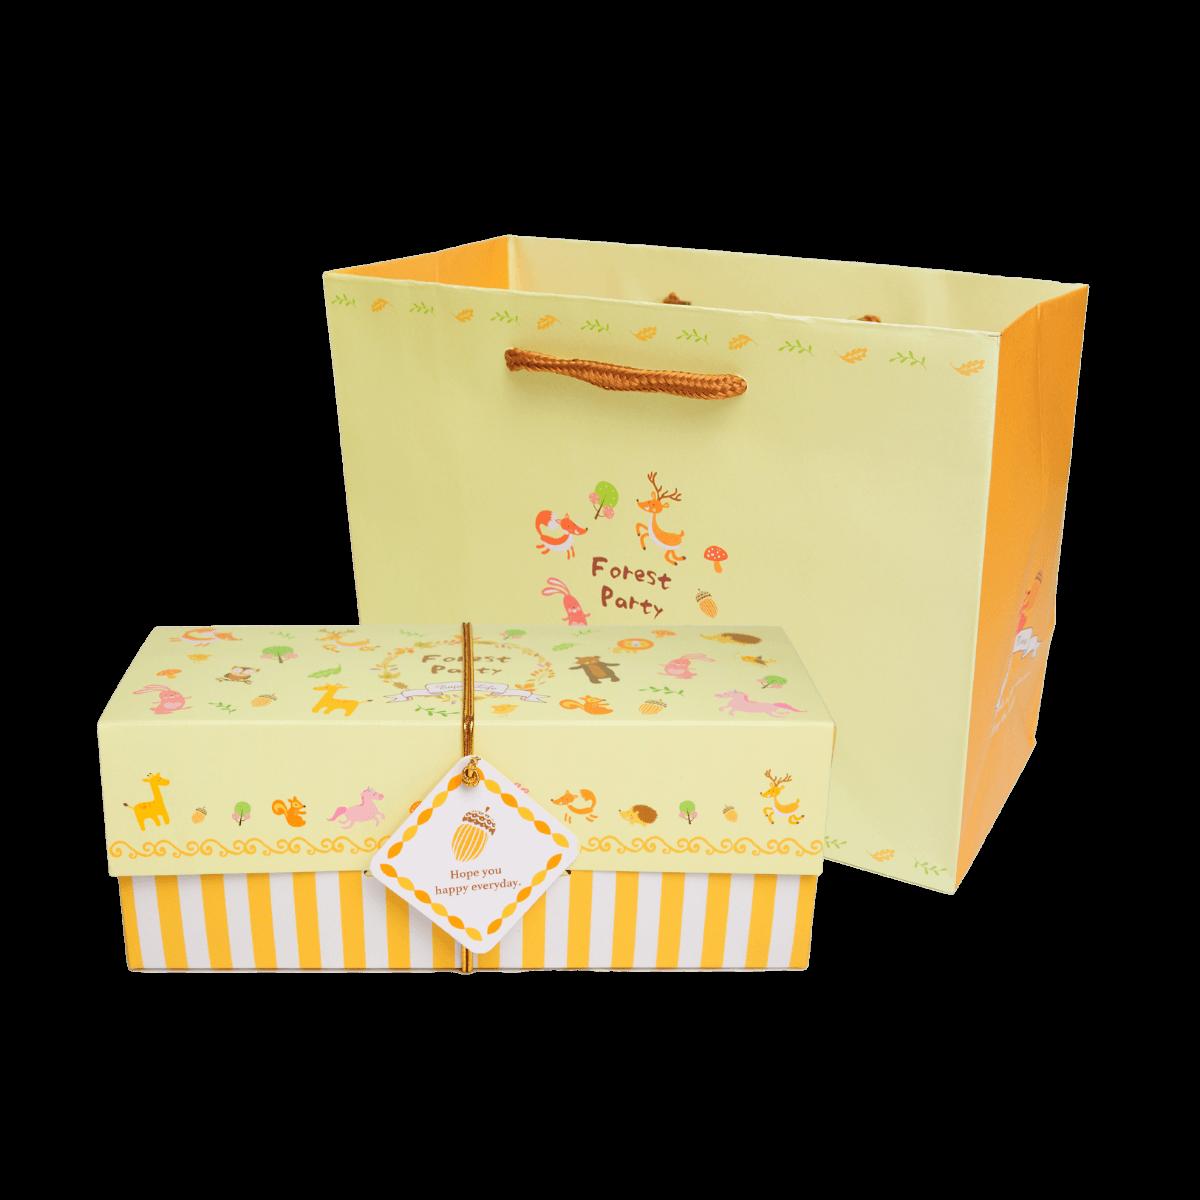 【滿單預購中】童趣森林(小)禮盒 / 彌月禮盒 / 餐盒 / 伴手禮 / 附提袋 / 蝴蝶酥 / 手工餅乾]